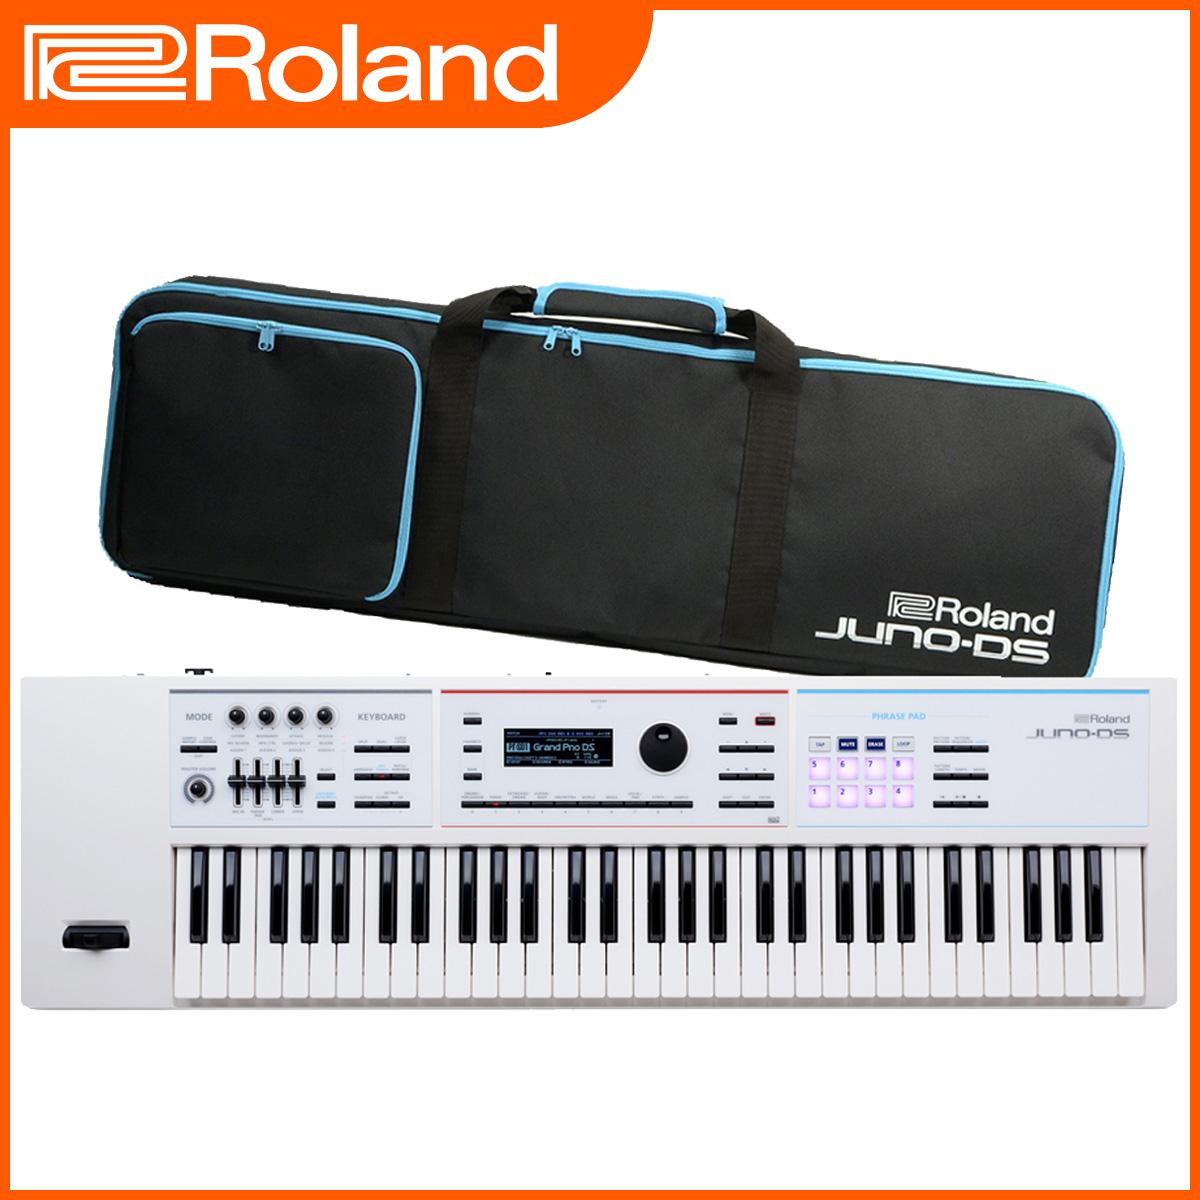 【在庫あり】Roland ローランド / JUNO-DS61W シンセサイザー (JUNO-DSW) ホワイトモデルWH《背負えるケース・特典付き:78610》【YRK】